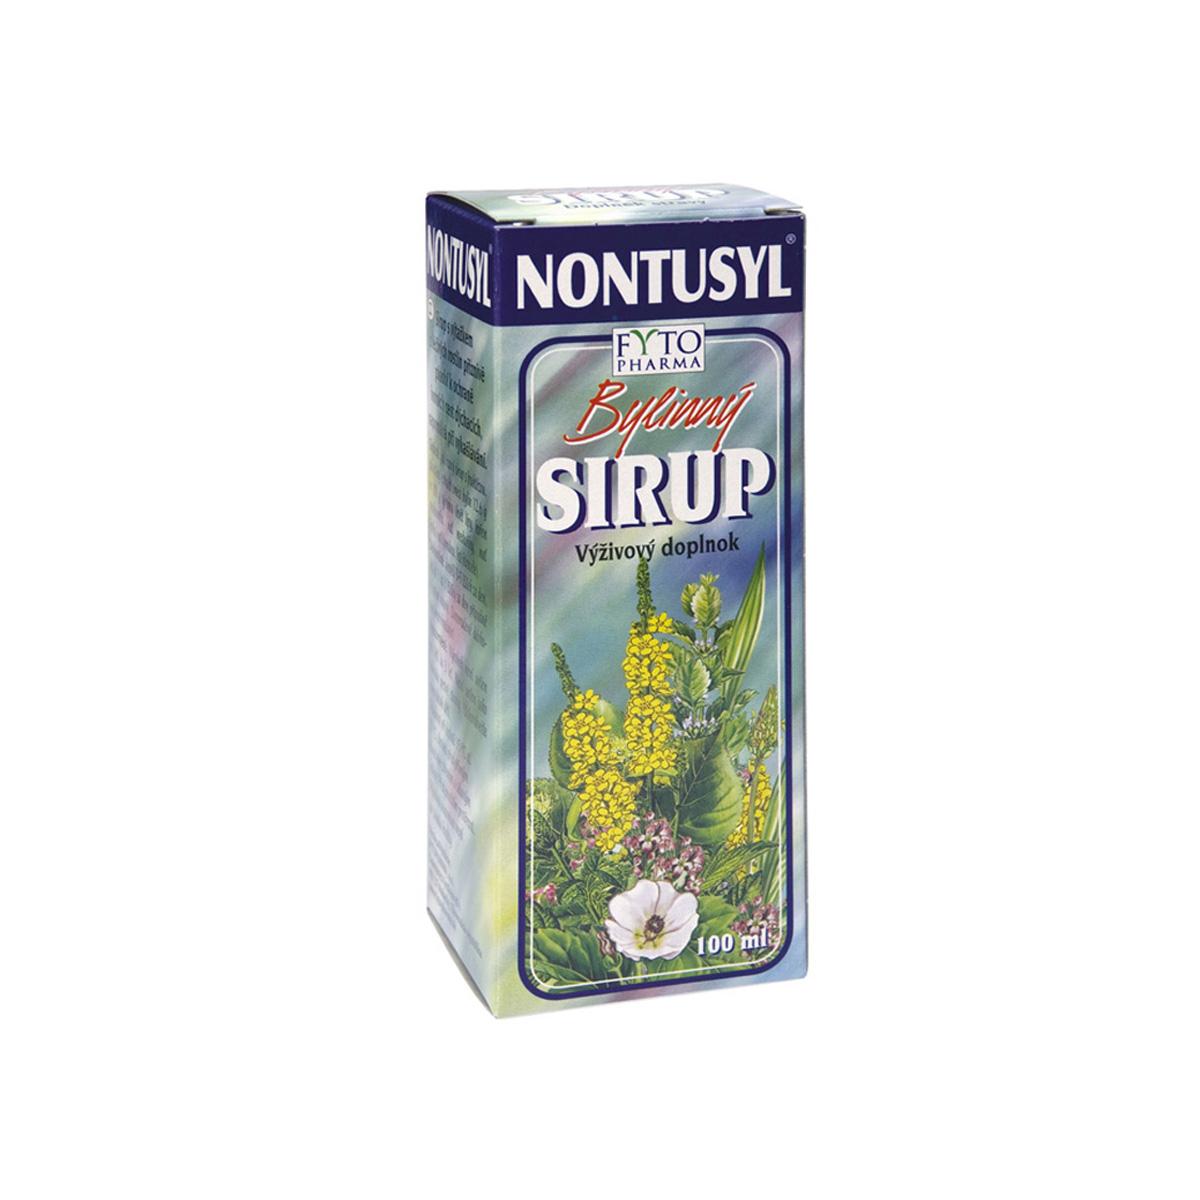 Fytopharma NONTUSYL® Bylinný sirup 100 ml